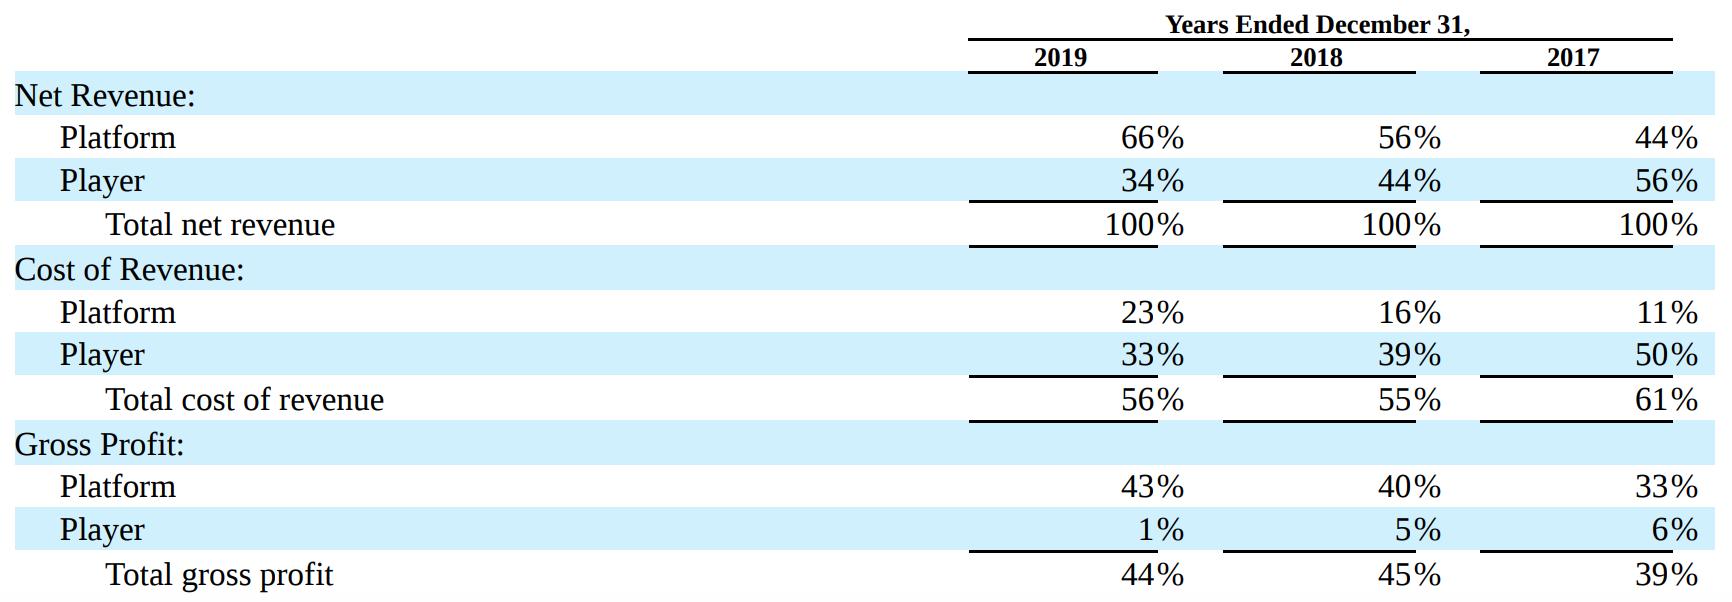 Разбор финансовых показателей платформы и устройств Roku: выручка, стоимость создания выручки в процентах от выручки, операционная прибыль в процентах от выручки. Источник: годовой отчет компании, стр.56